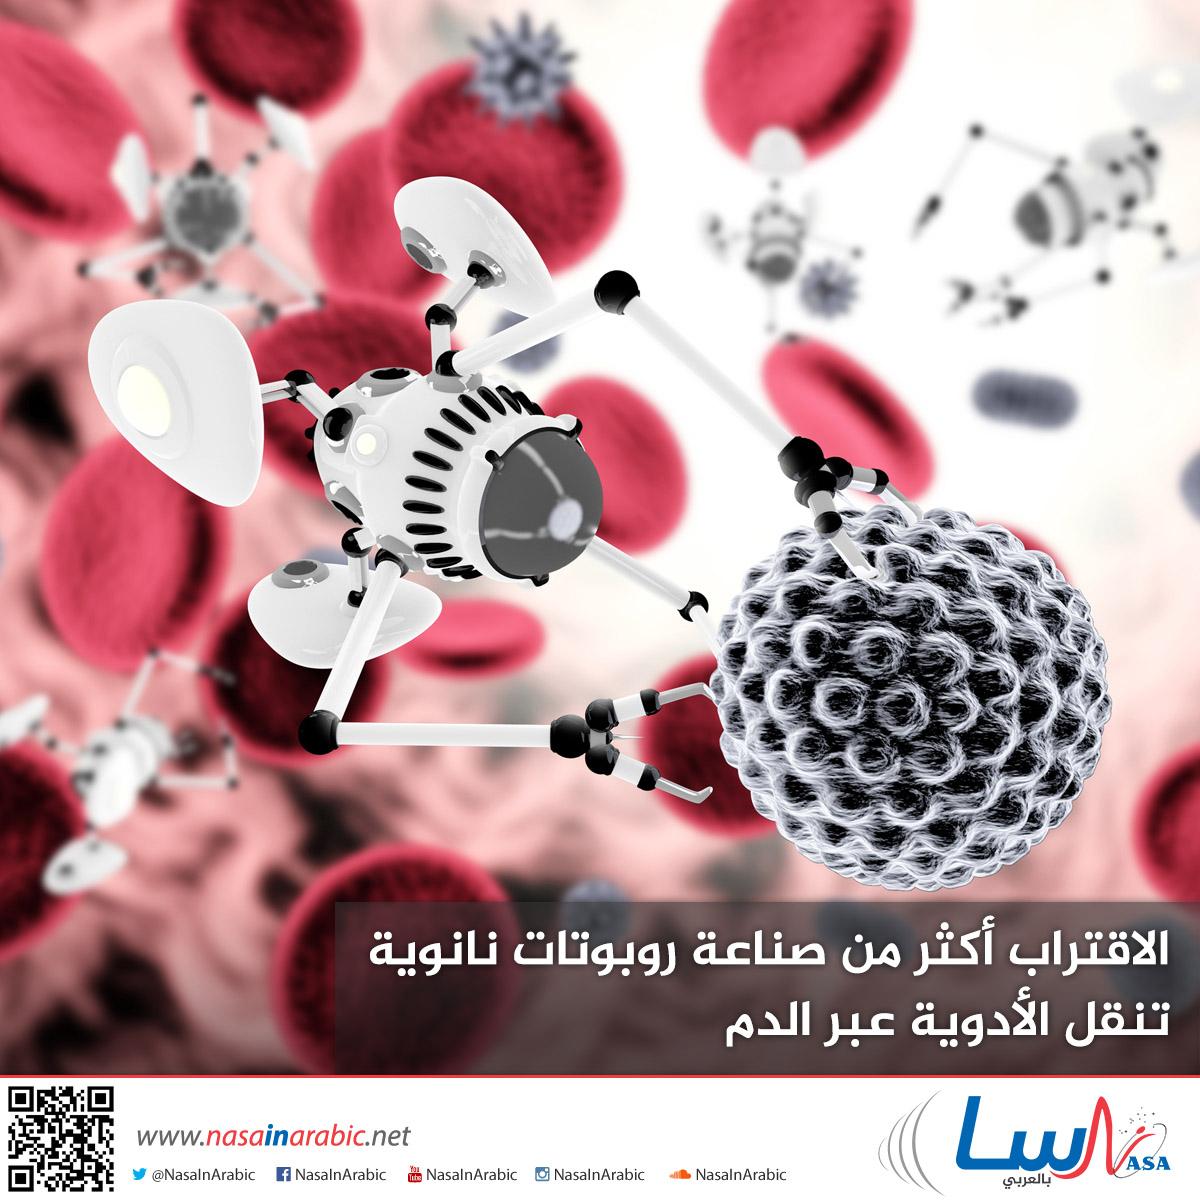 الاقتراب أكثر من صناعة روبوتات نانوية تنقل الأدوية عبر الدم